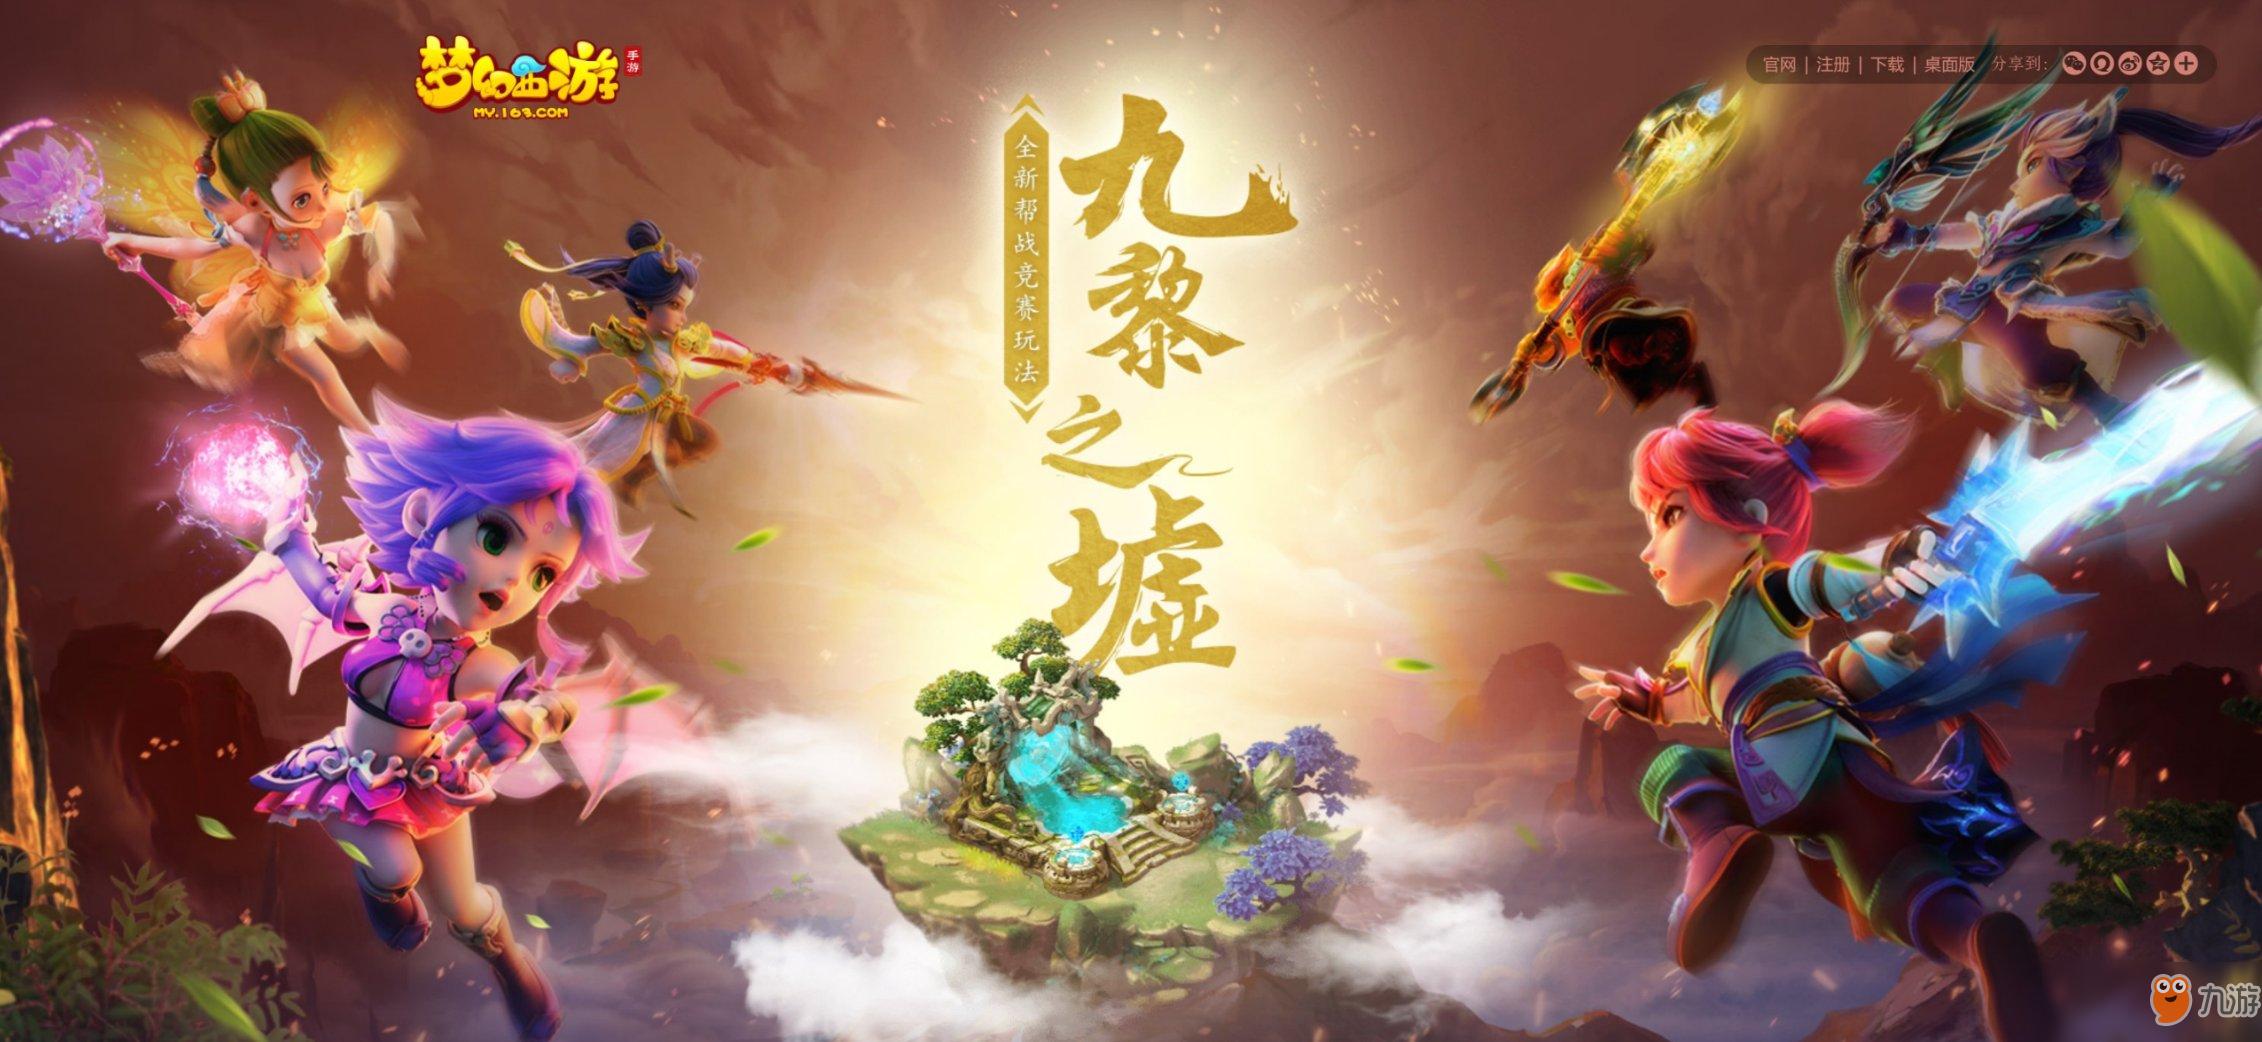 《梦幻西游》手游九黎之墟第二赛季怎么报名 报名流程攻略